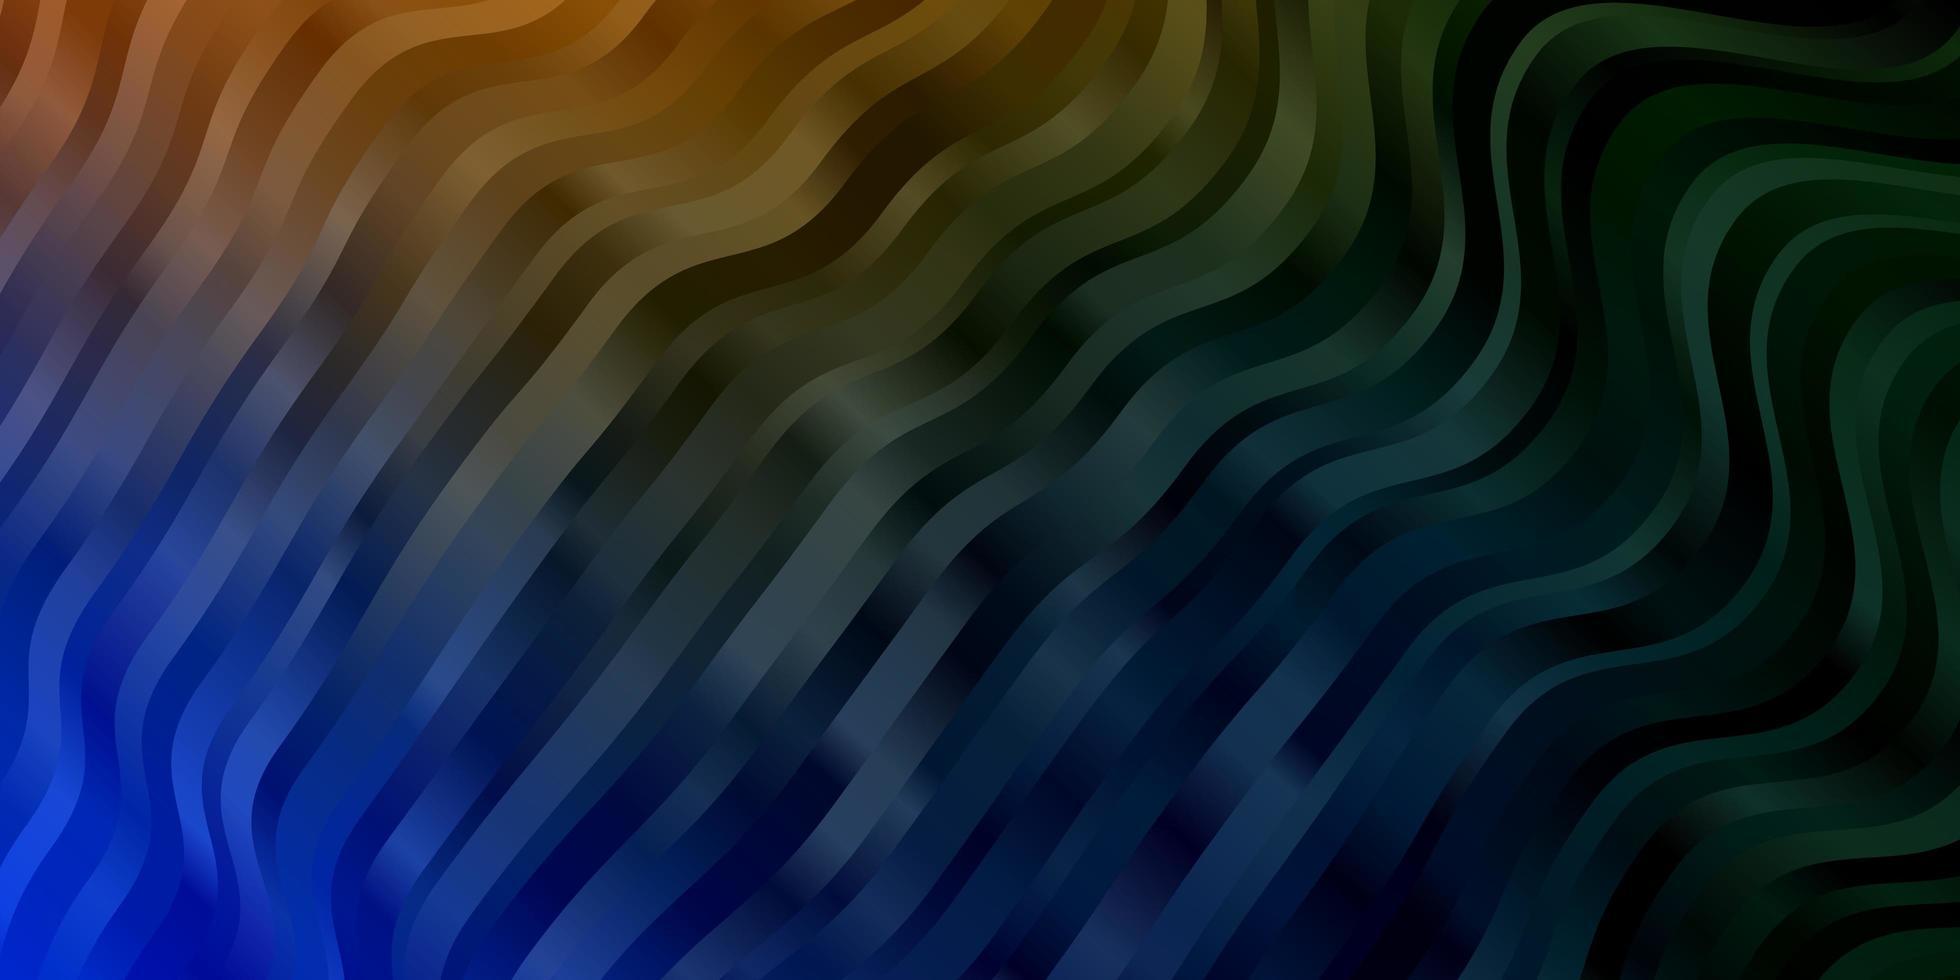 modelo azul, amarelo com linhas irônicas. vetor